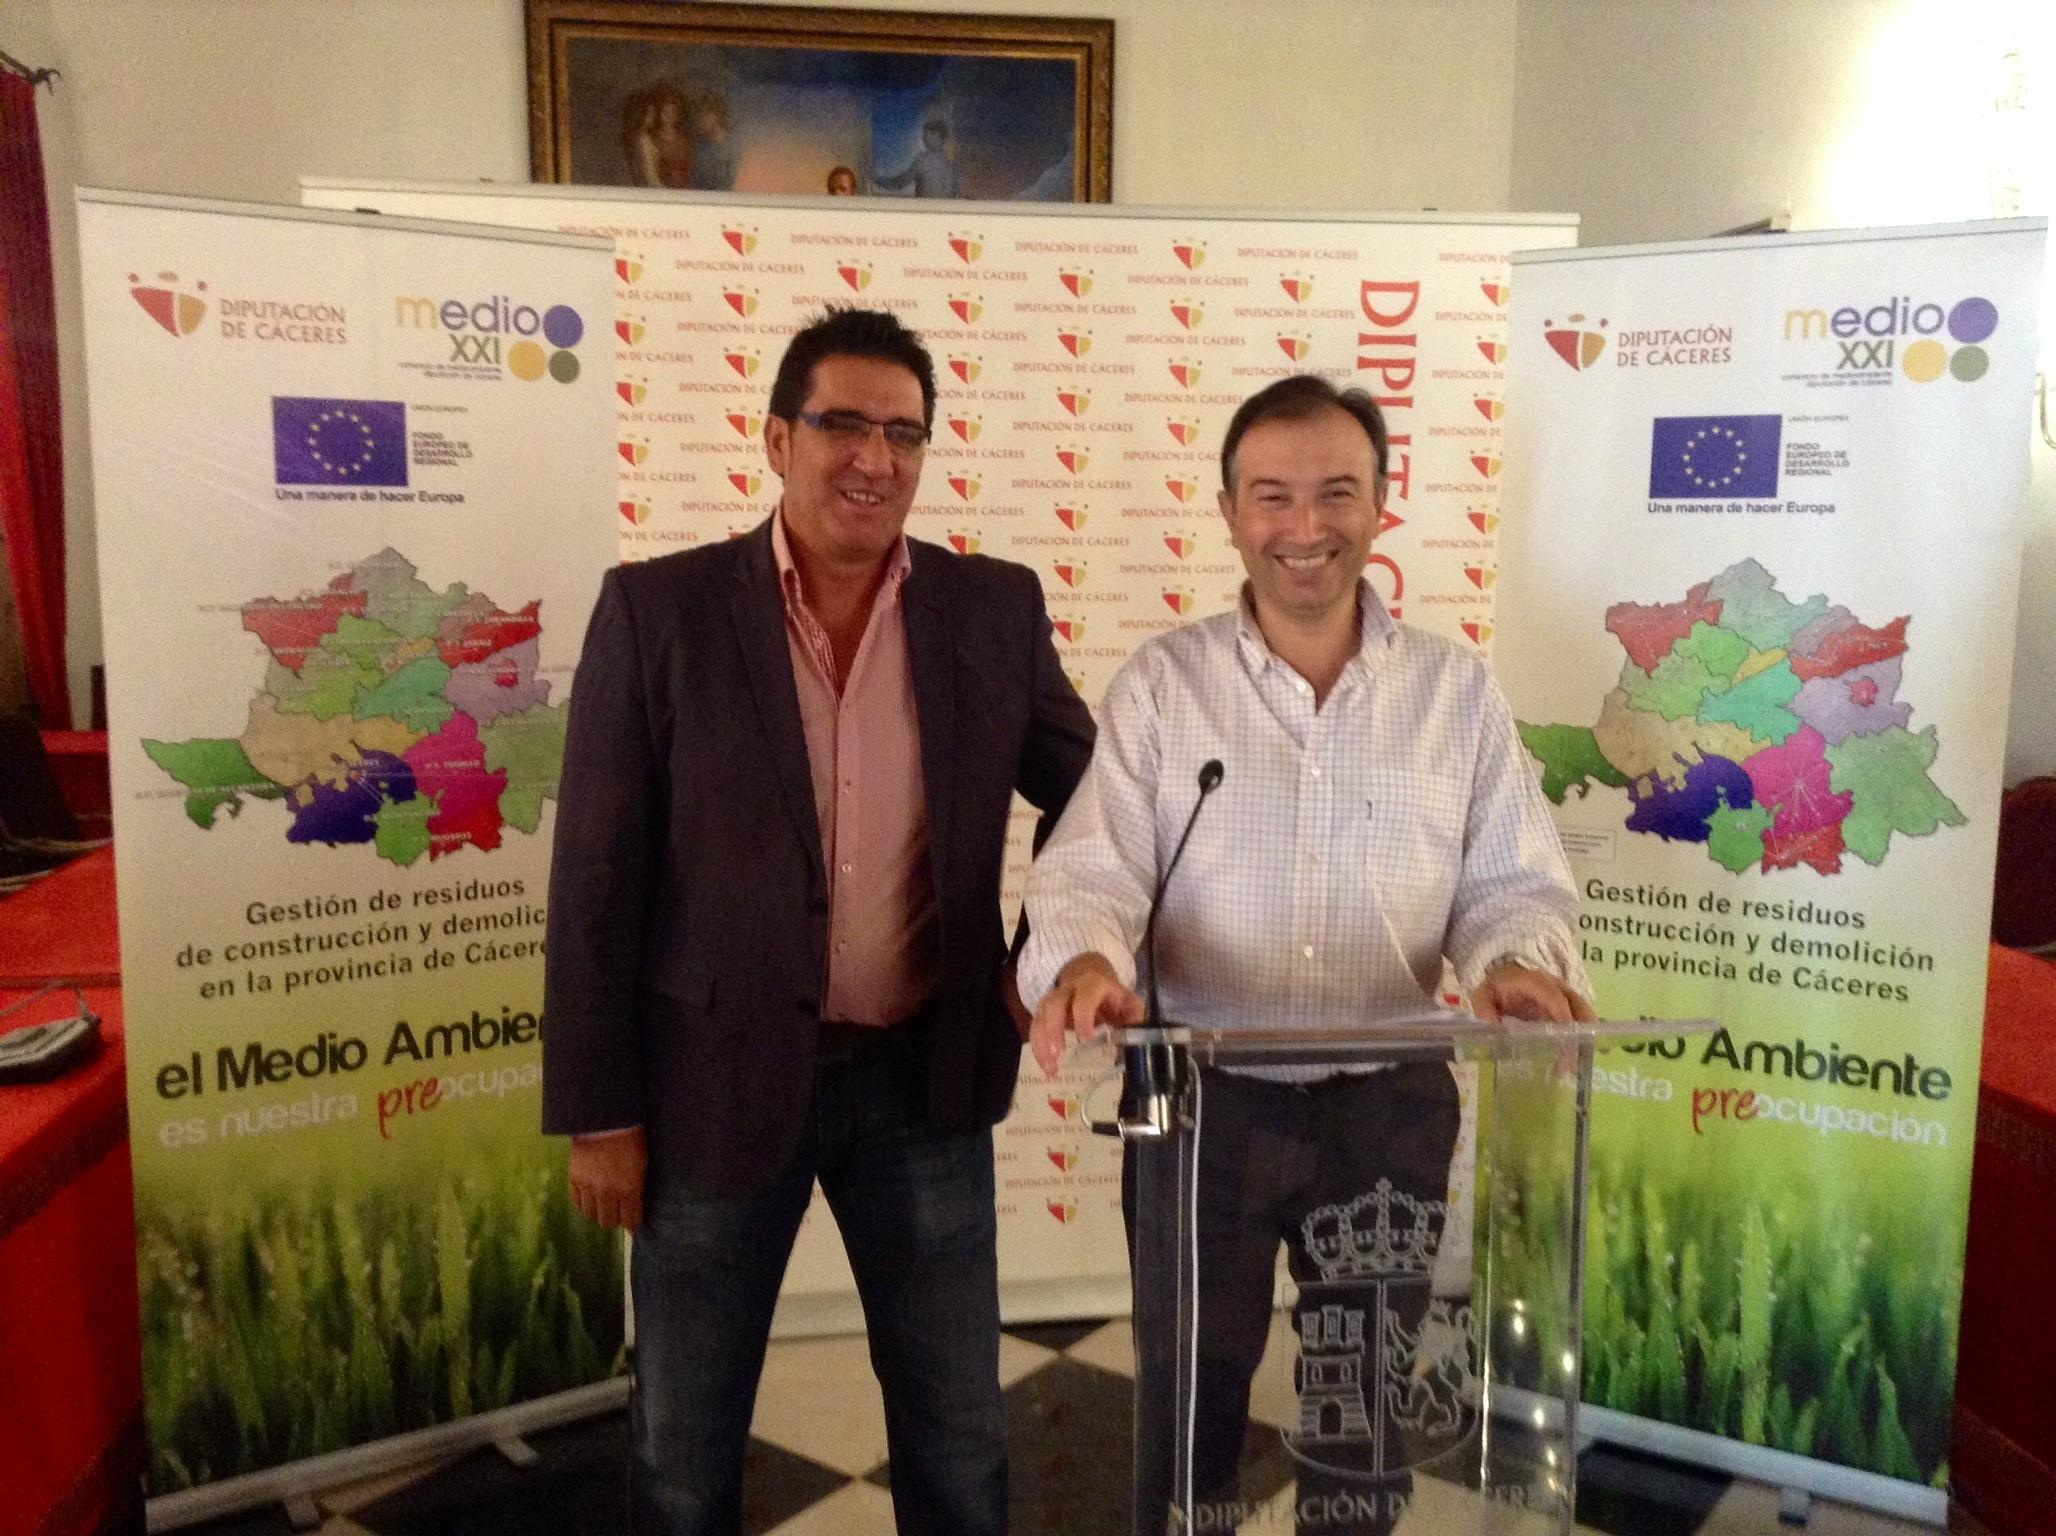 La Diputación de Cáceres saca a concurso las obras para la implantación de centros de gestión de residuos de la zona sur